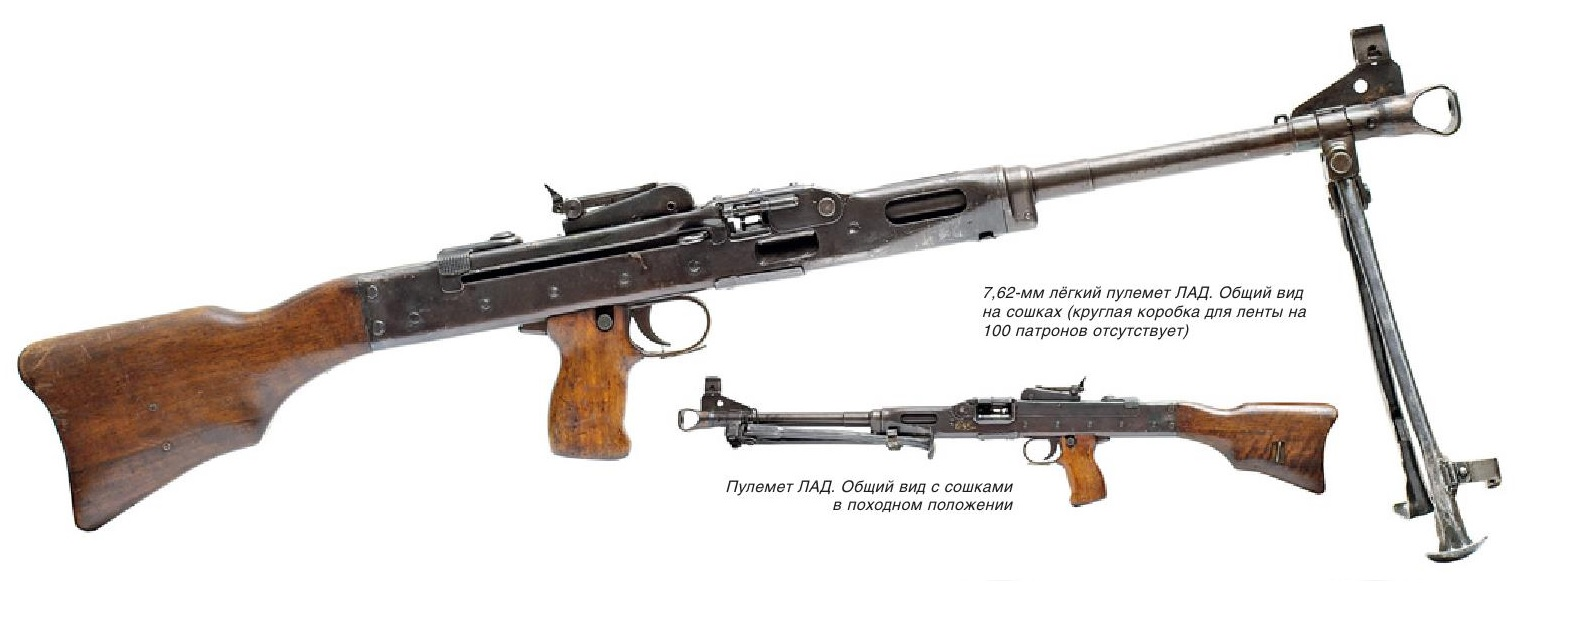 lad machine gun gun wiki fandom powered by wikia